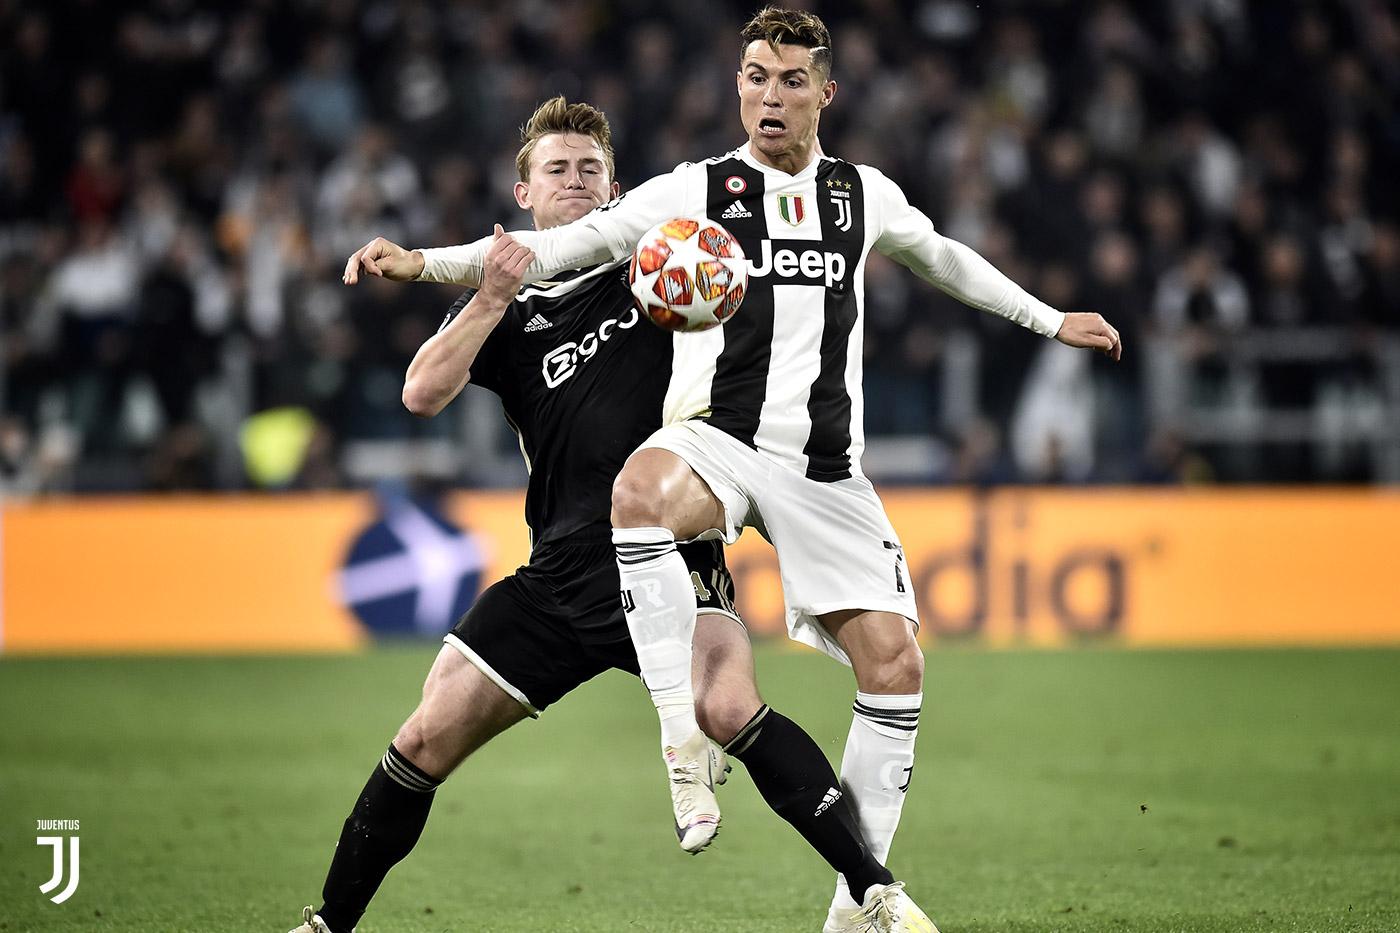 CALCIO Juventus, De Ligt e castigo